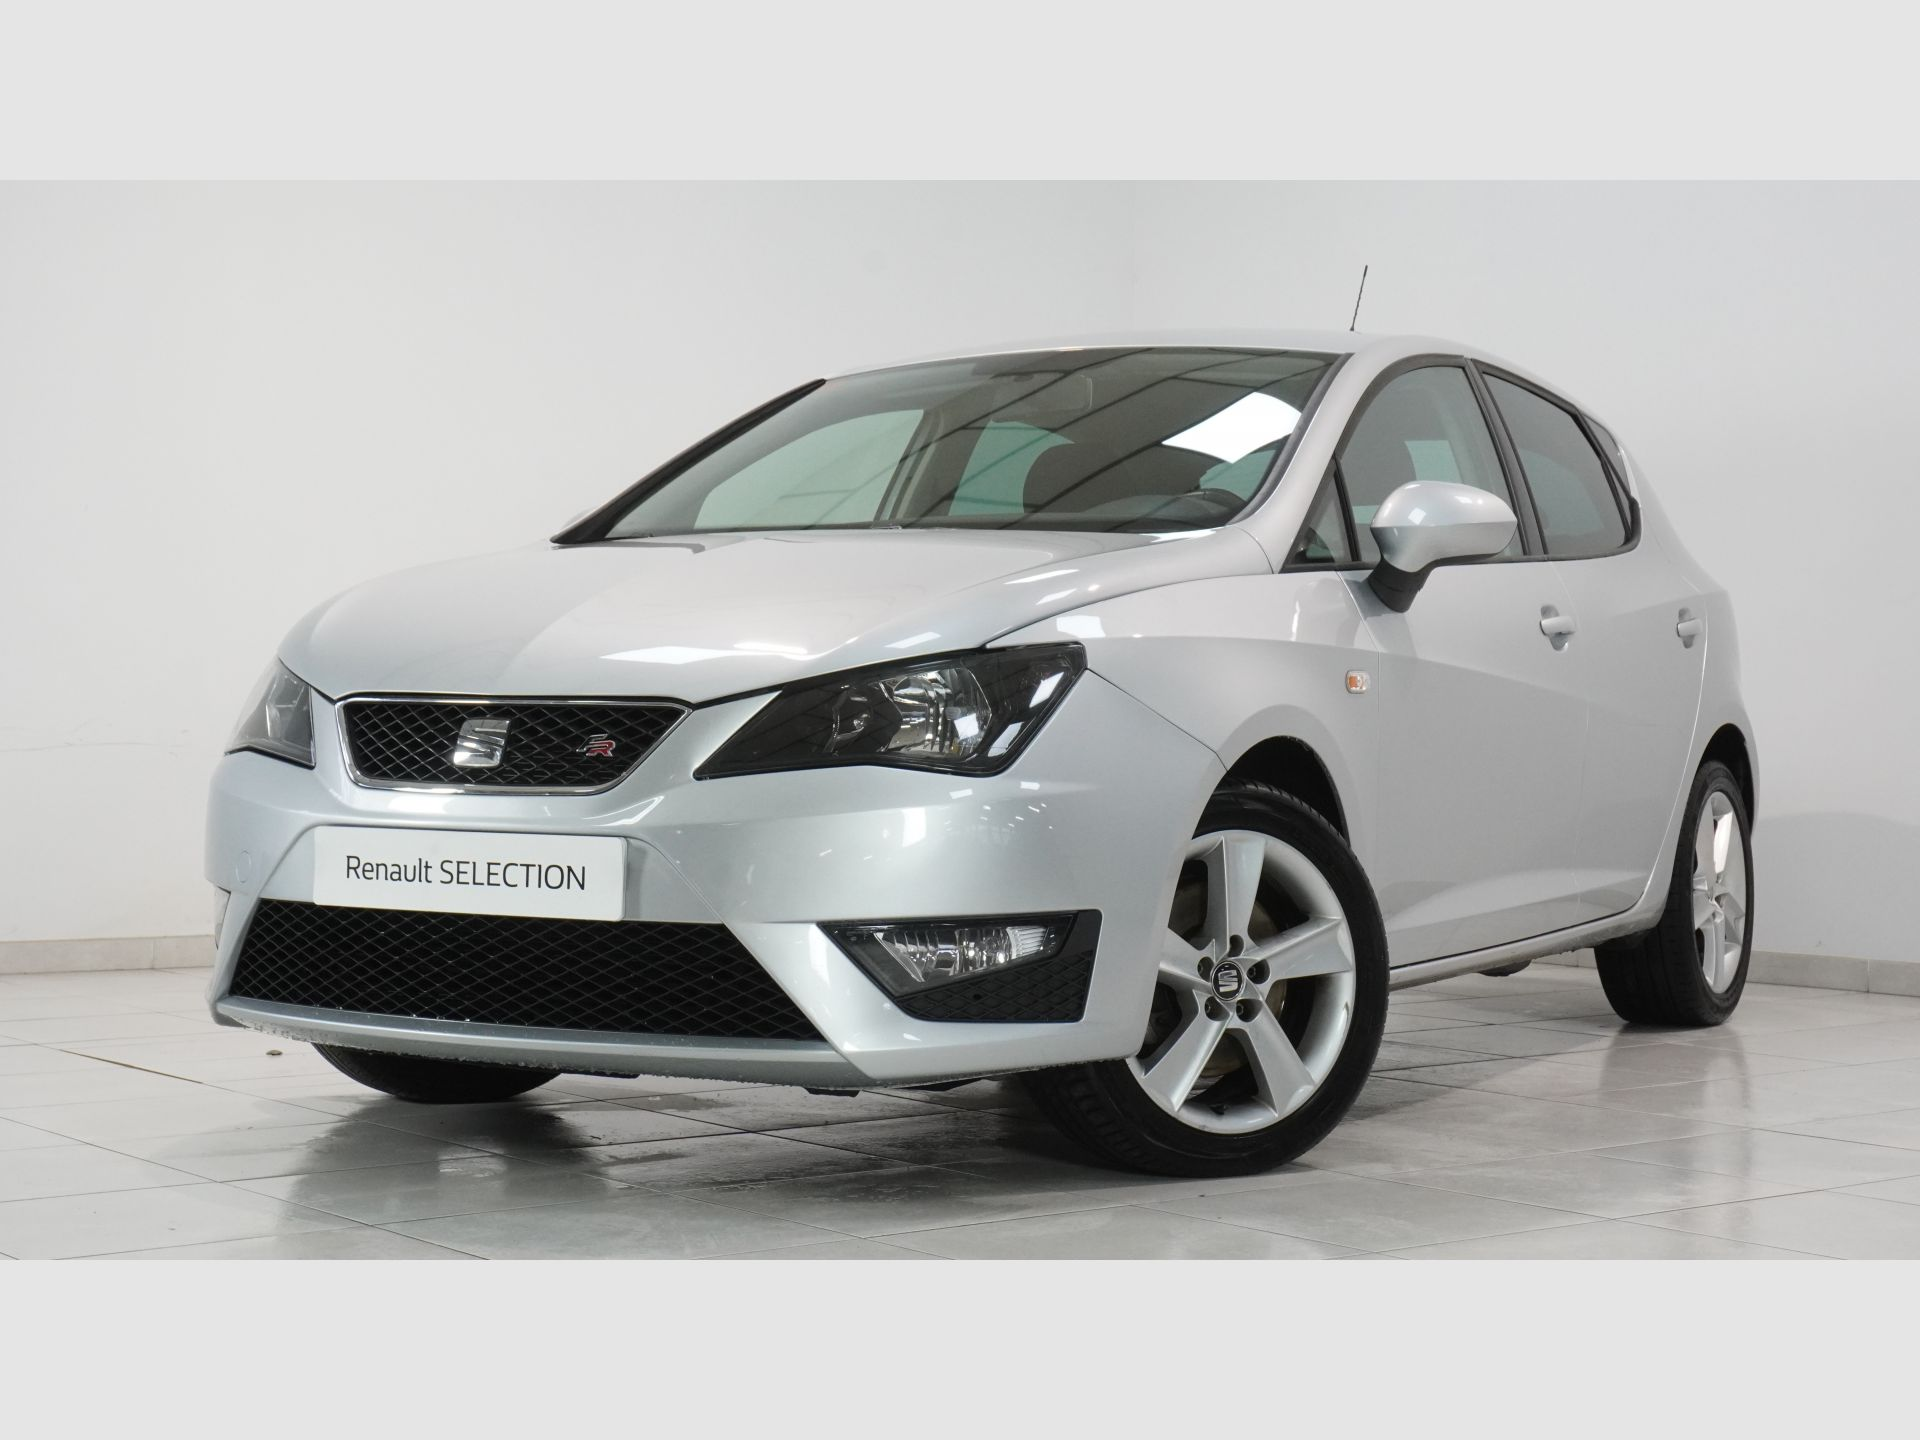 SEAT Ibiza 1.6 TDI 105cv FR segunda mano Pontevedra